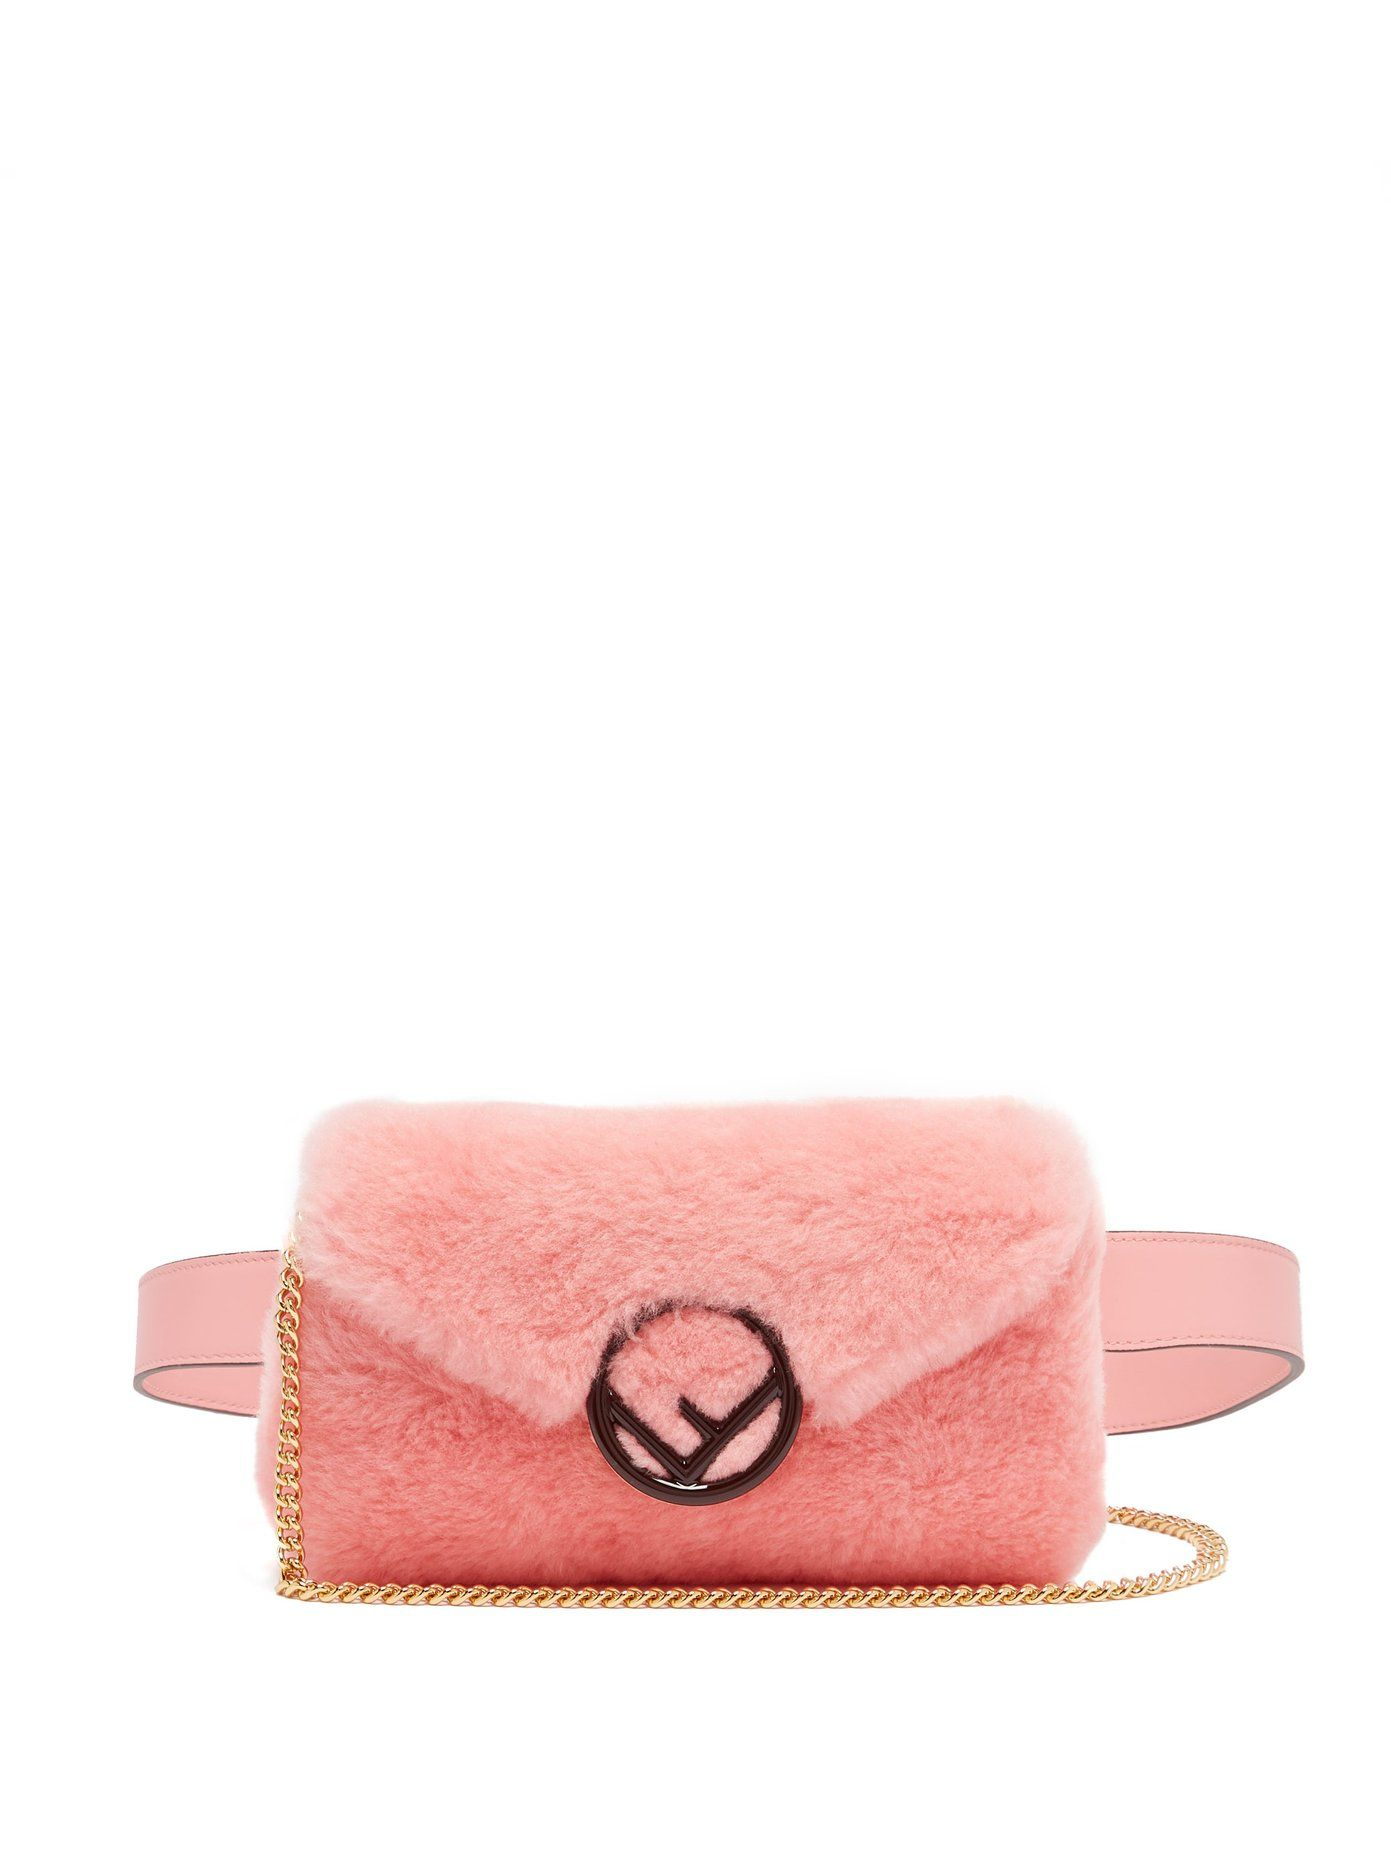 F is Fendi shearling belt bag  8f67c1fd3530d